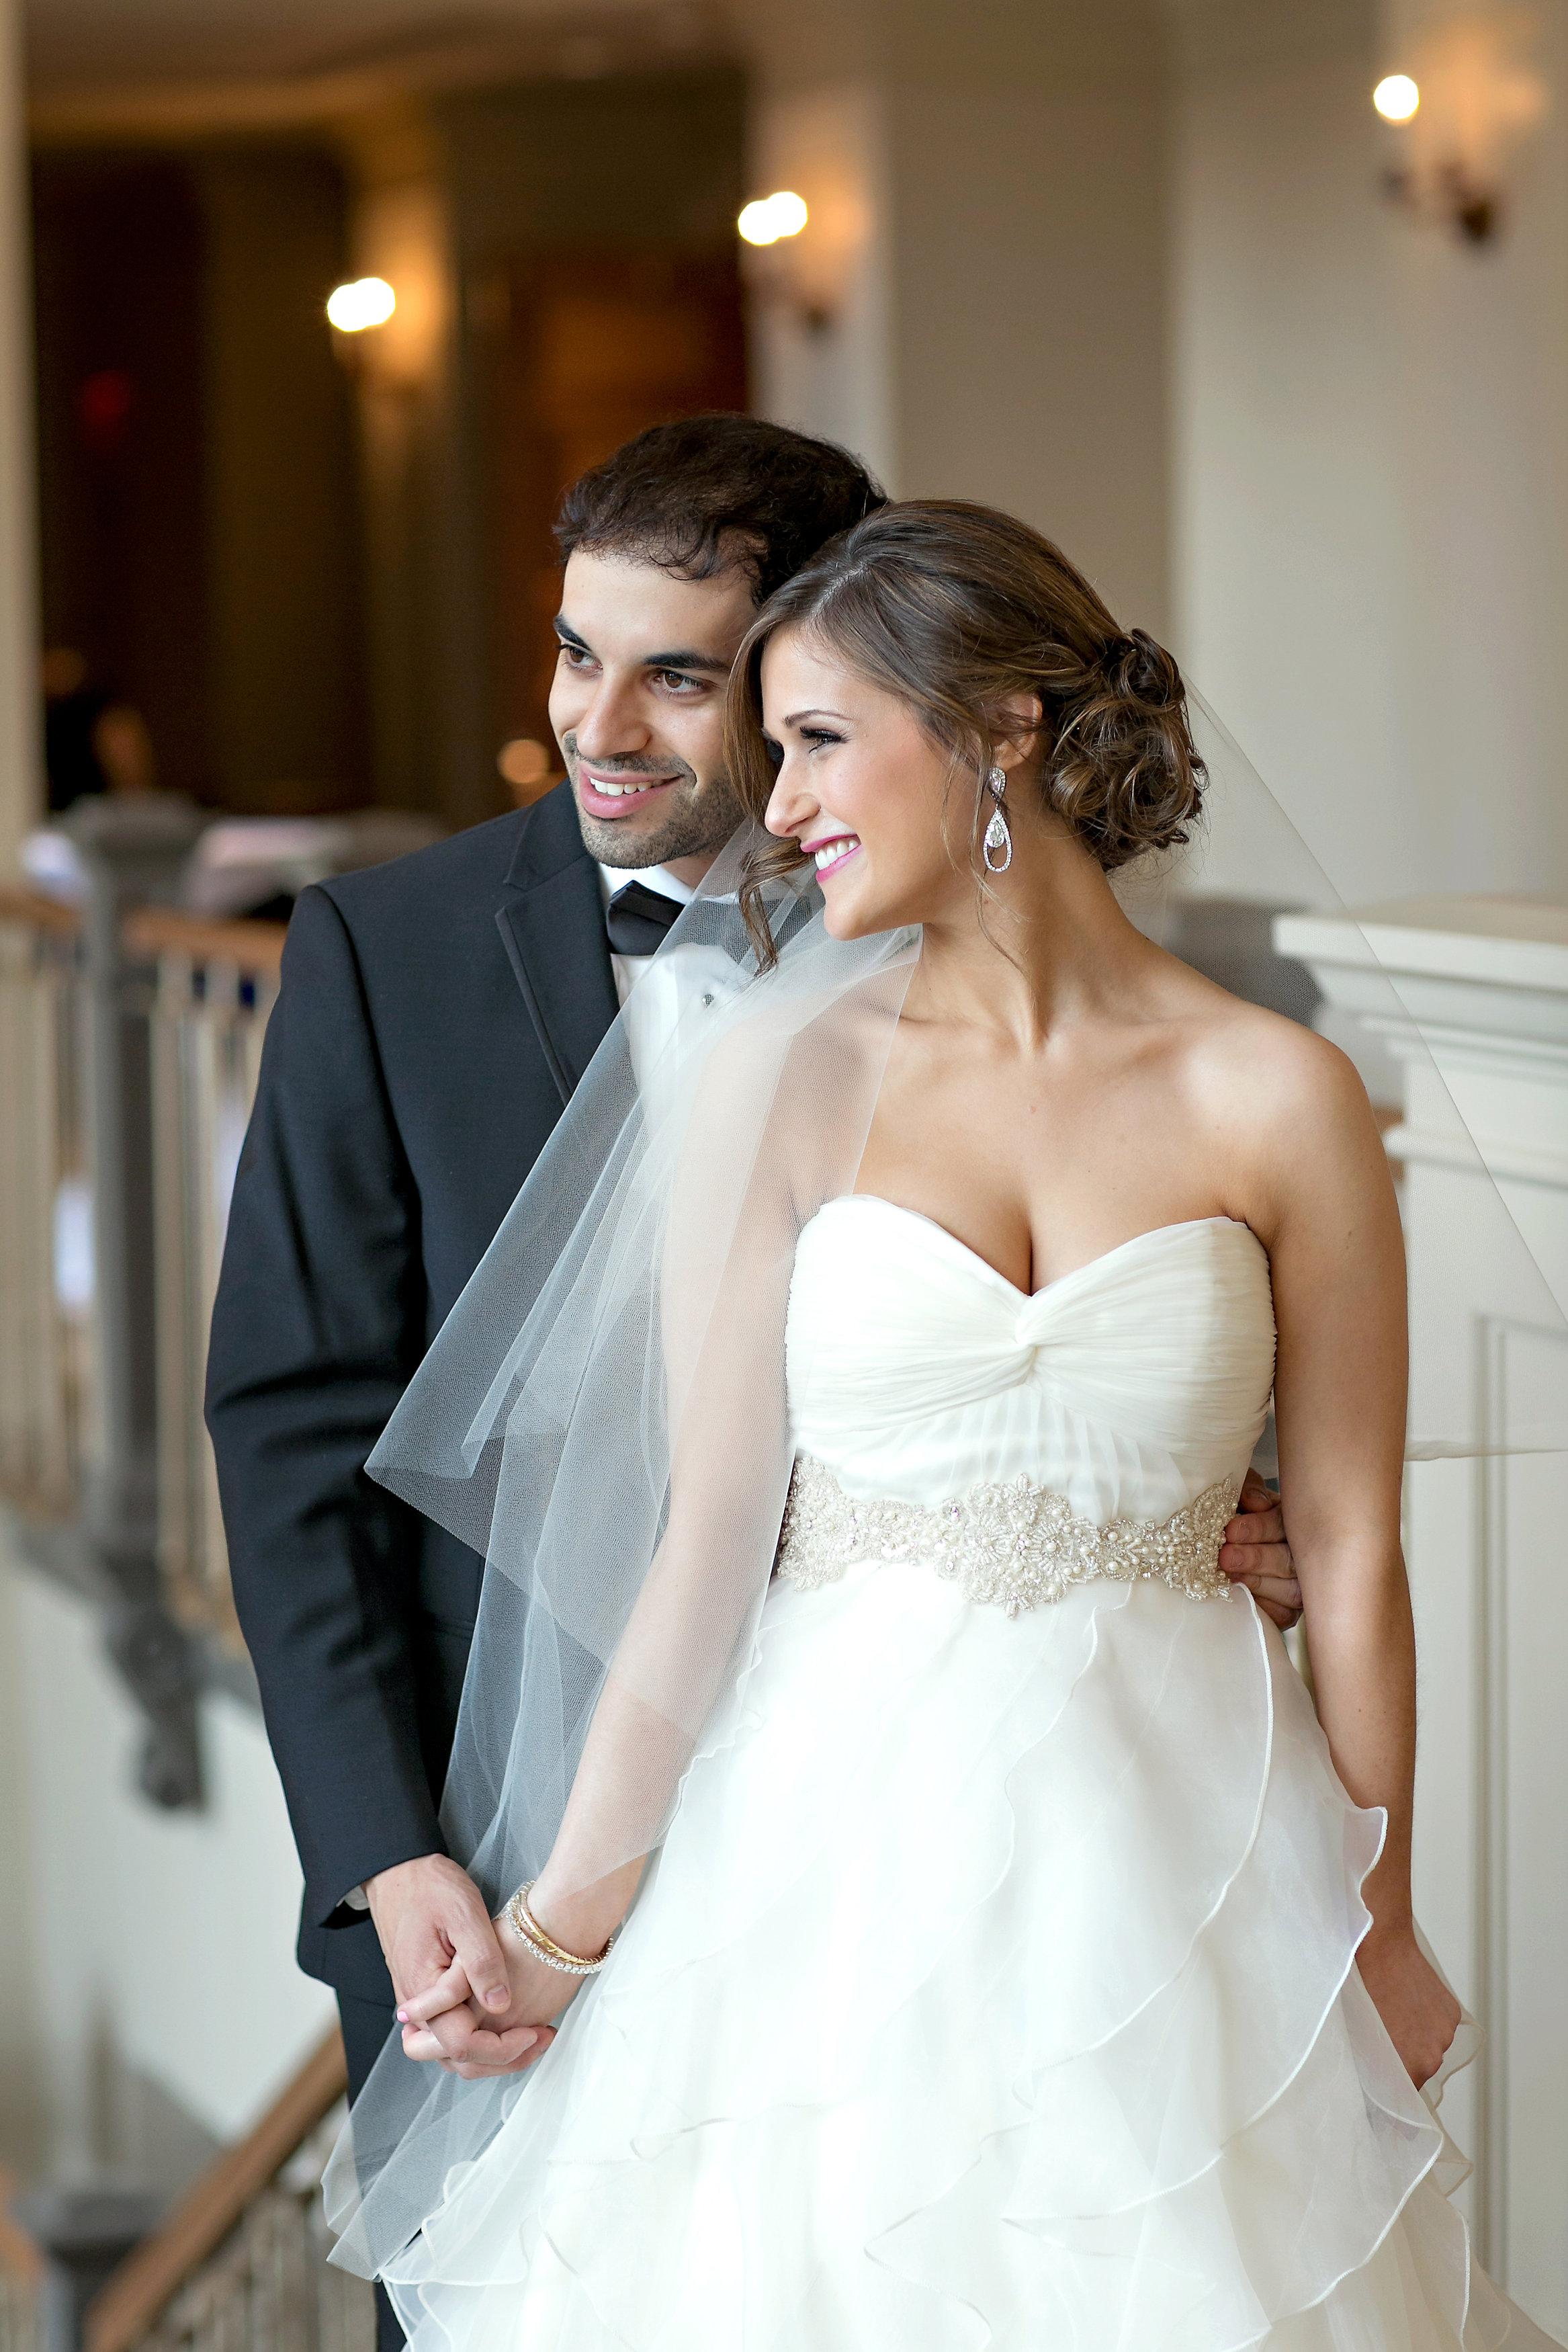 The Temple Atlanta Wedding ceremony bride and groom